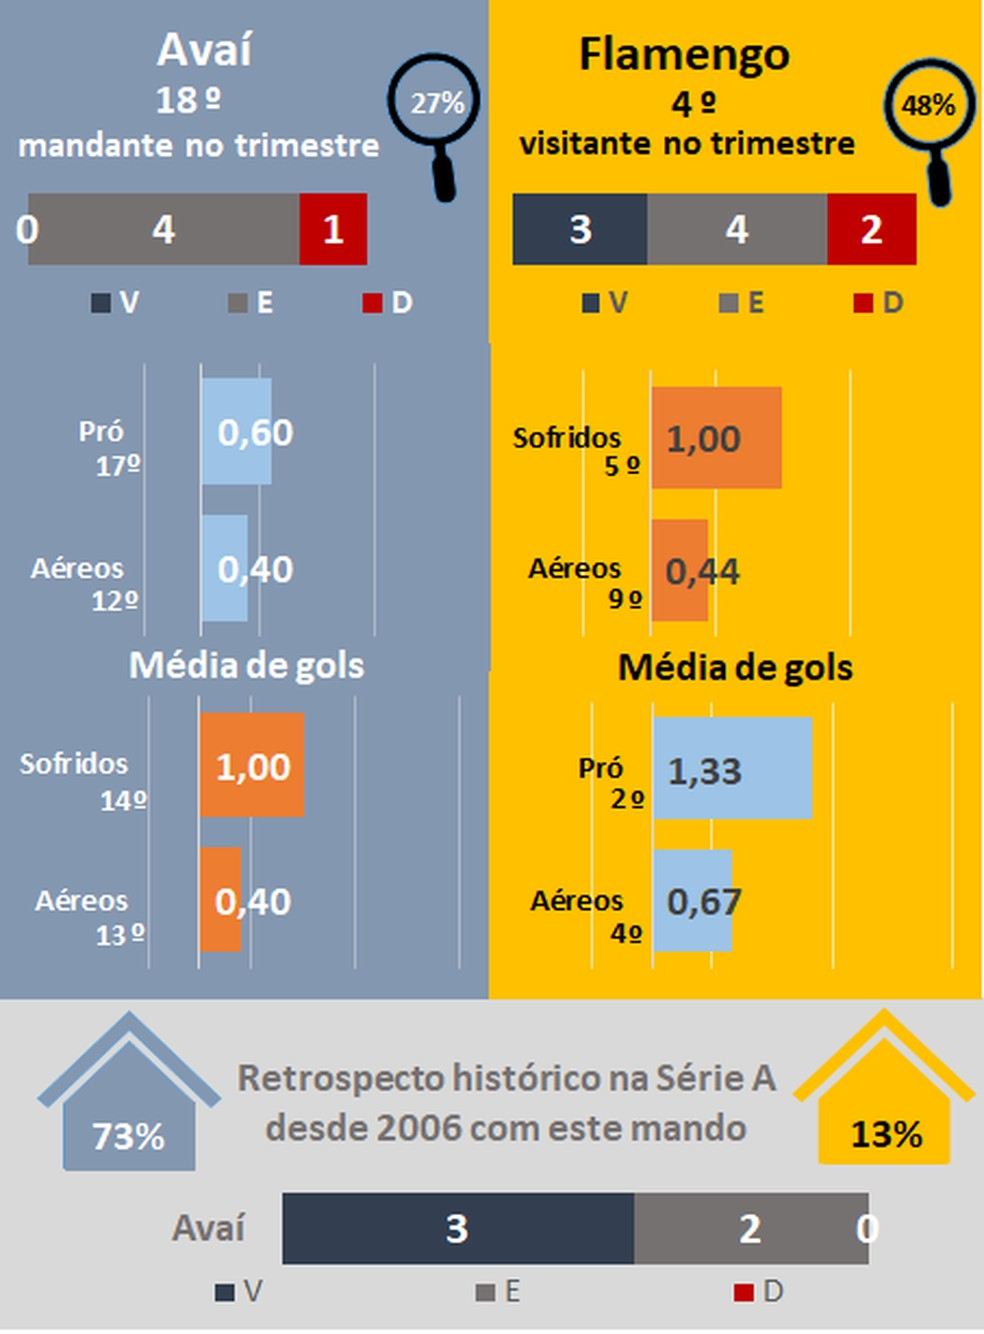 Favoritismos #18 — Foto: Espião Estatístico